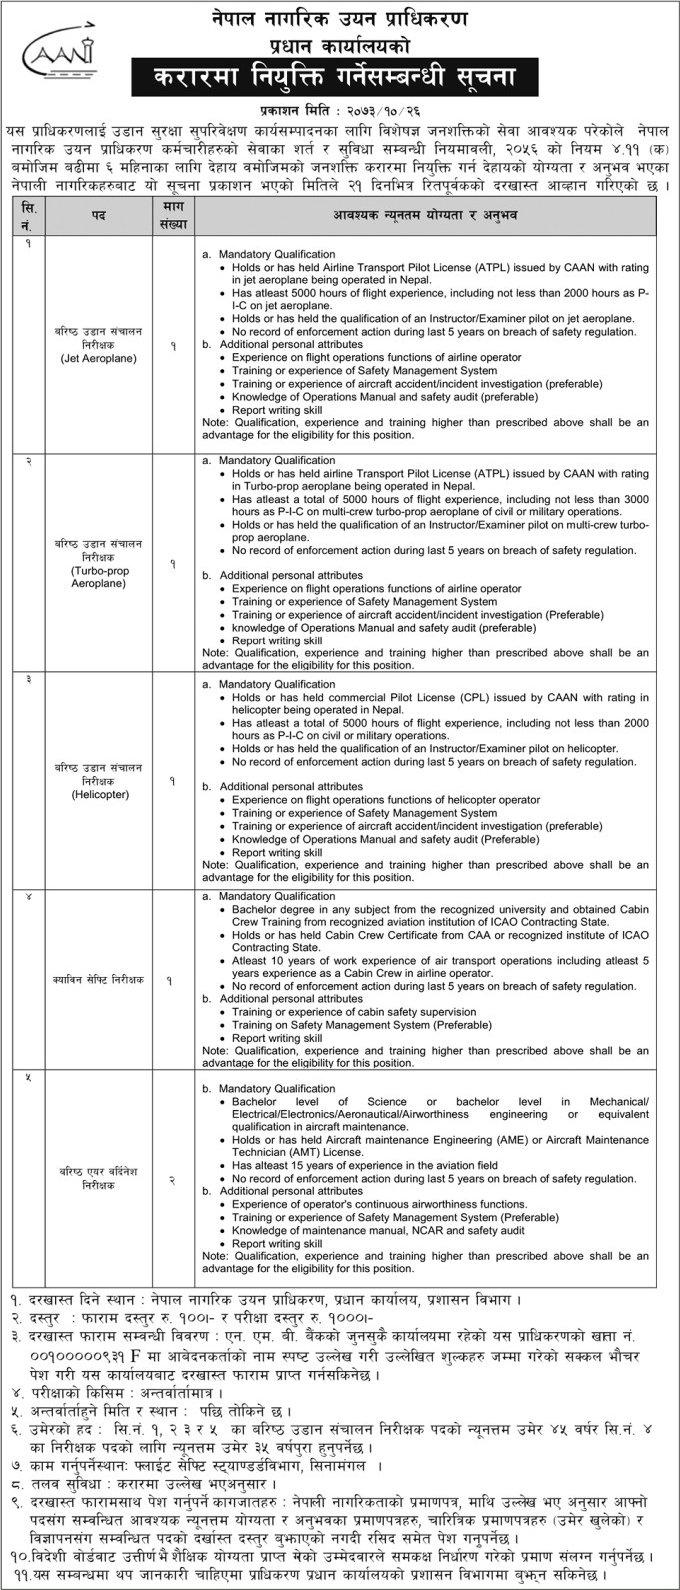 engineer jobs vacancy civil aviation authority of caan deadline to apply 28 2017